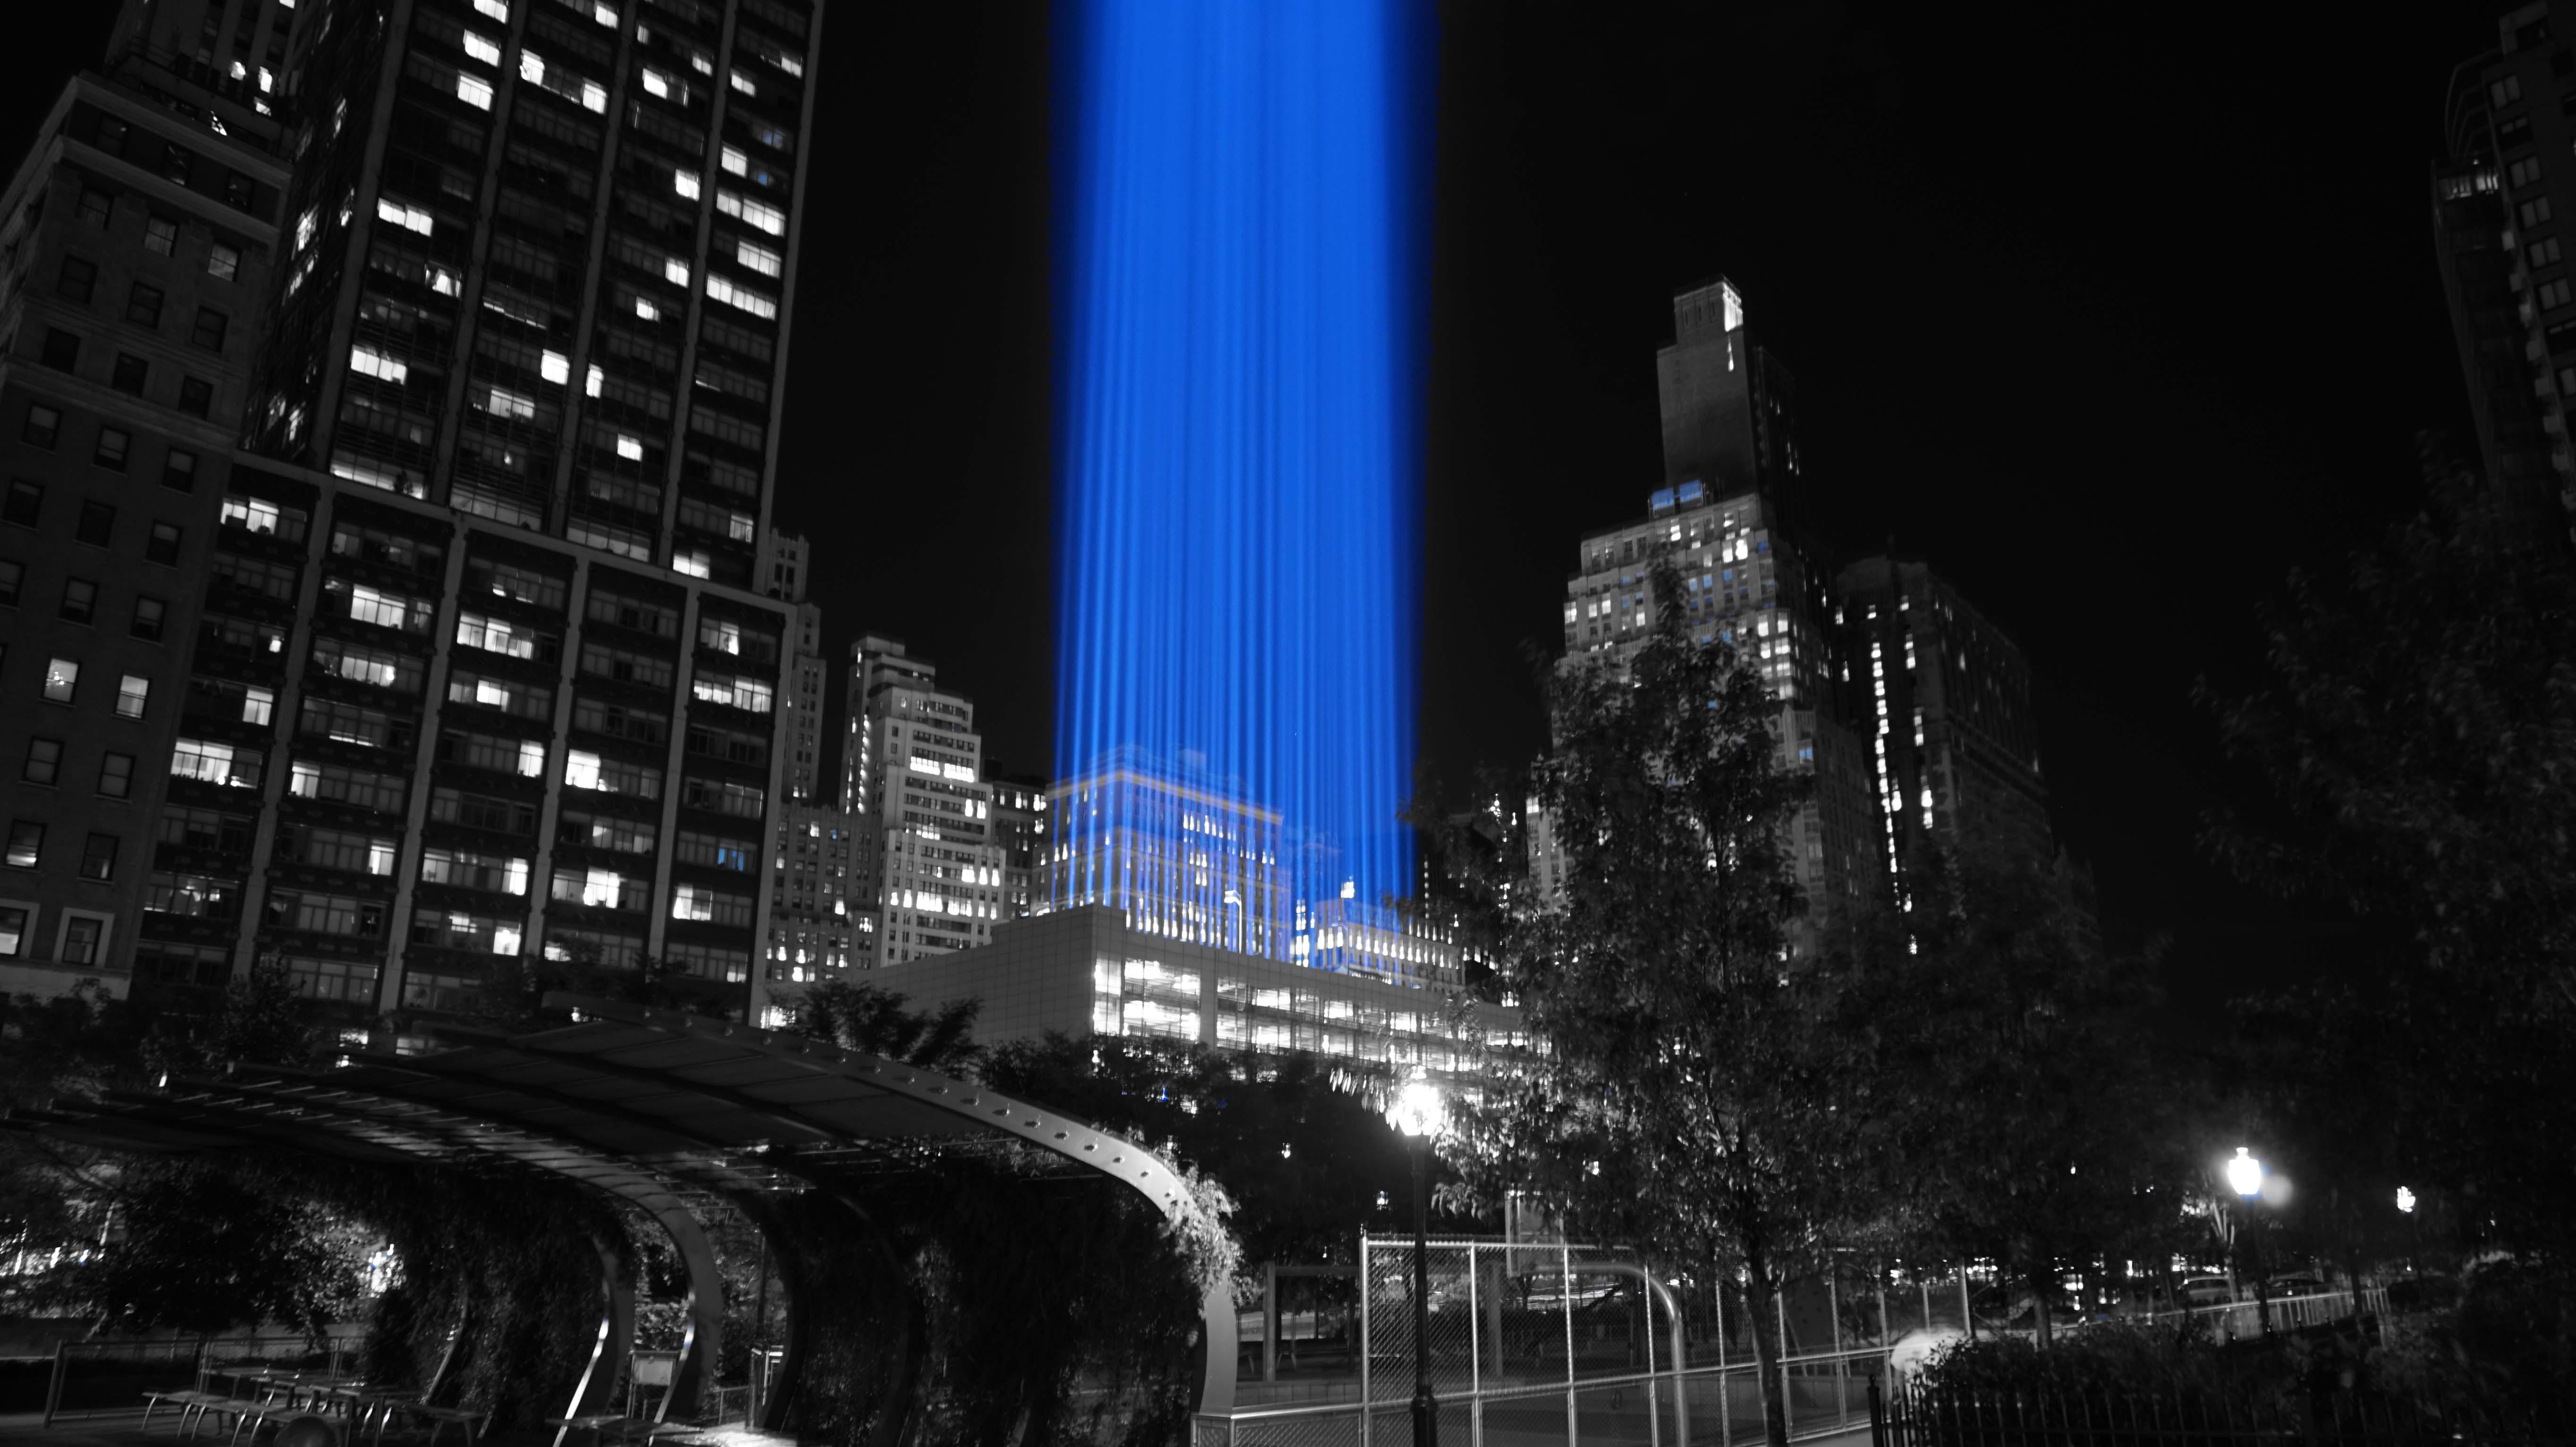 911 spotlights from rector park low